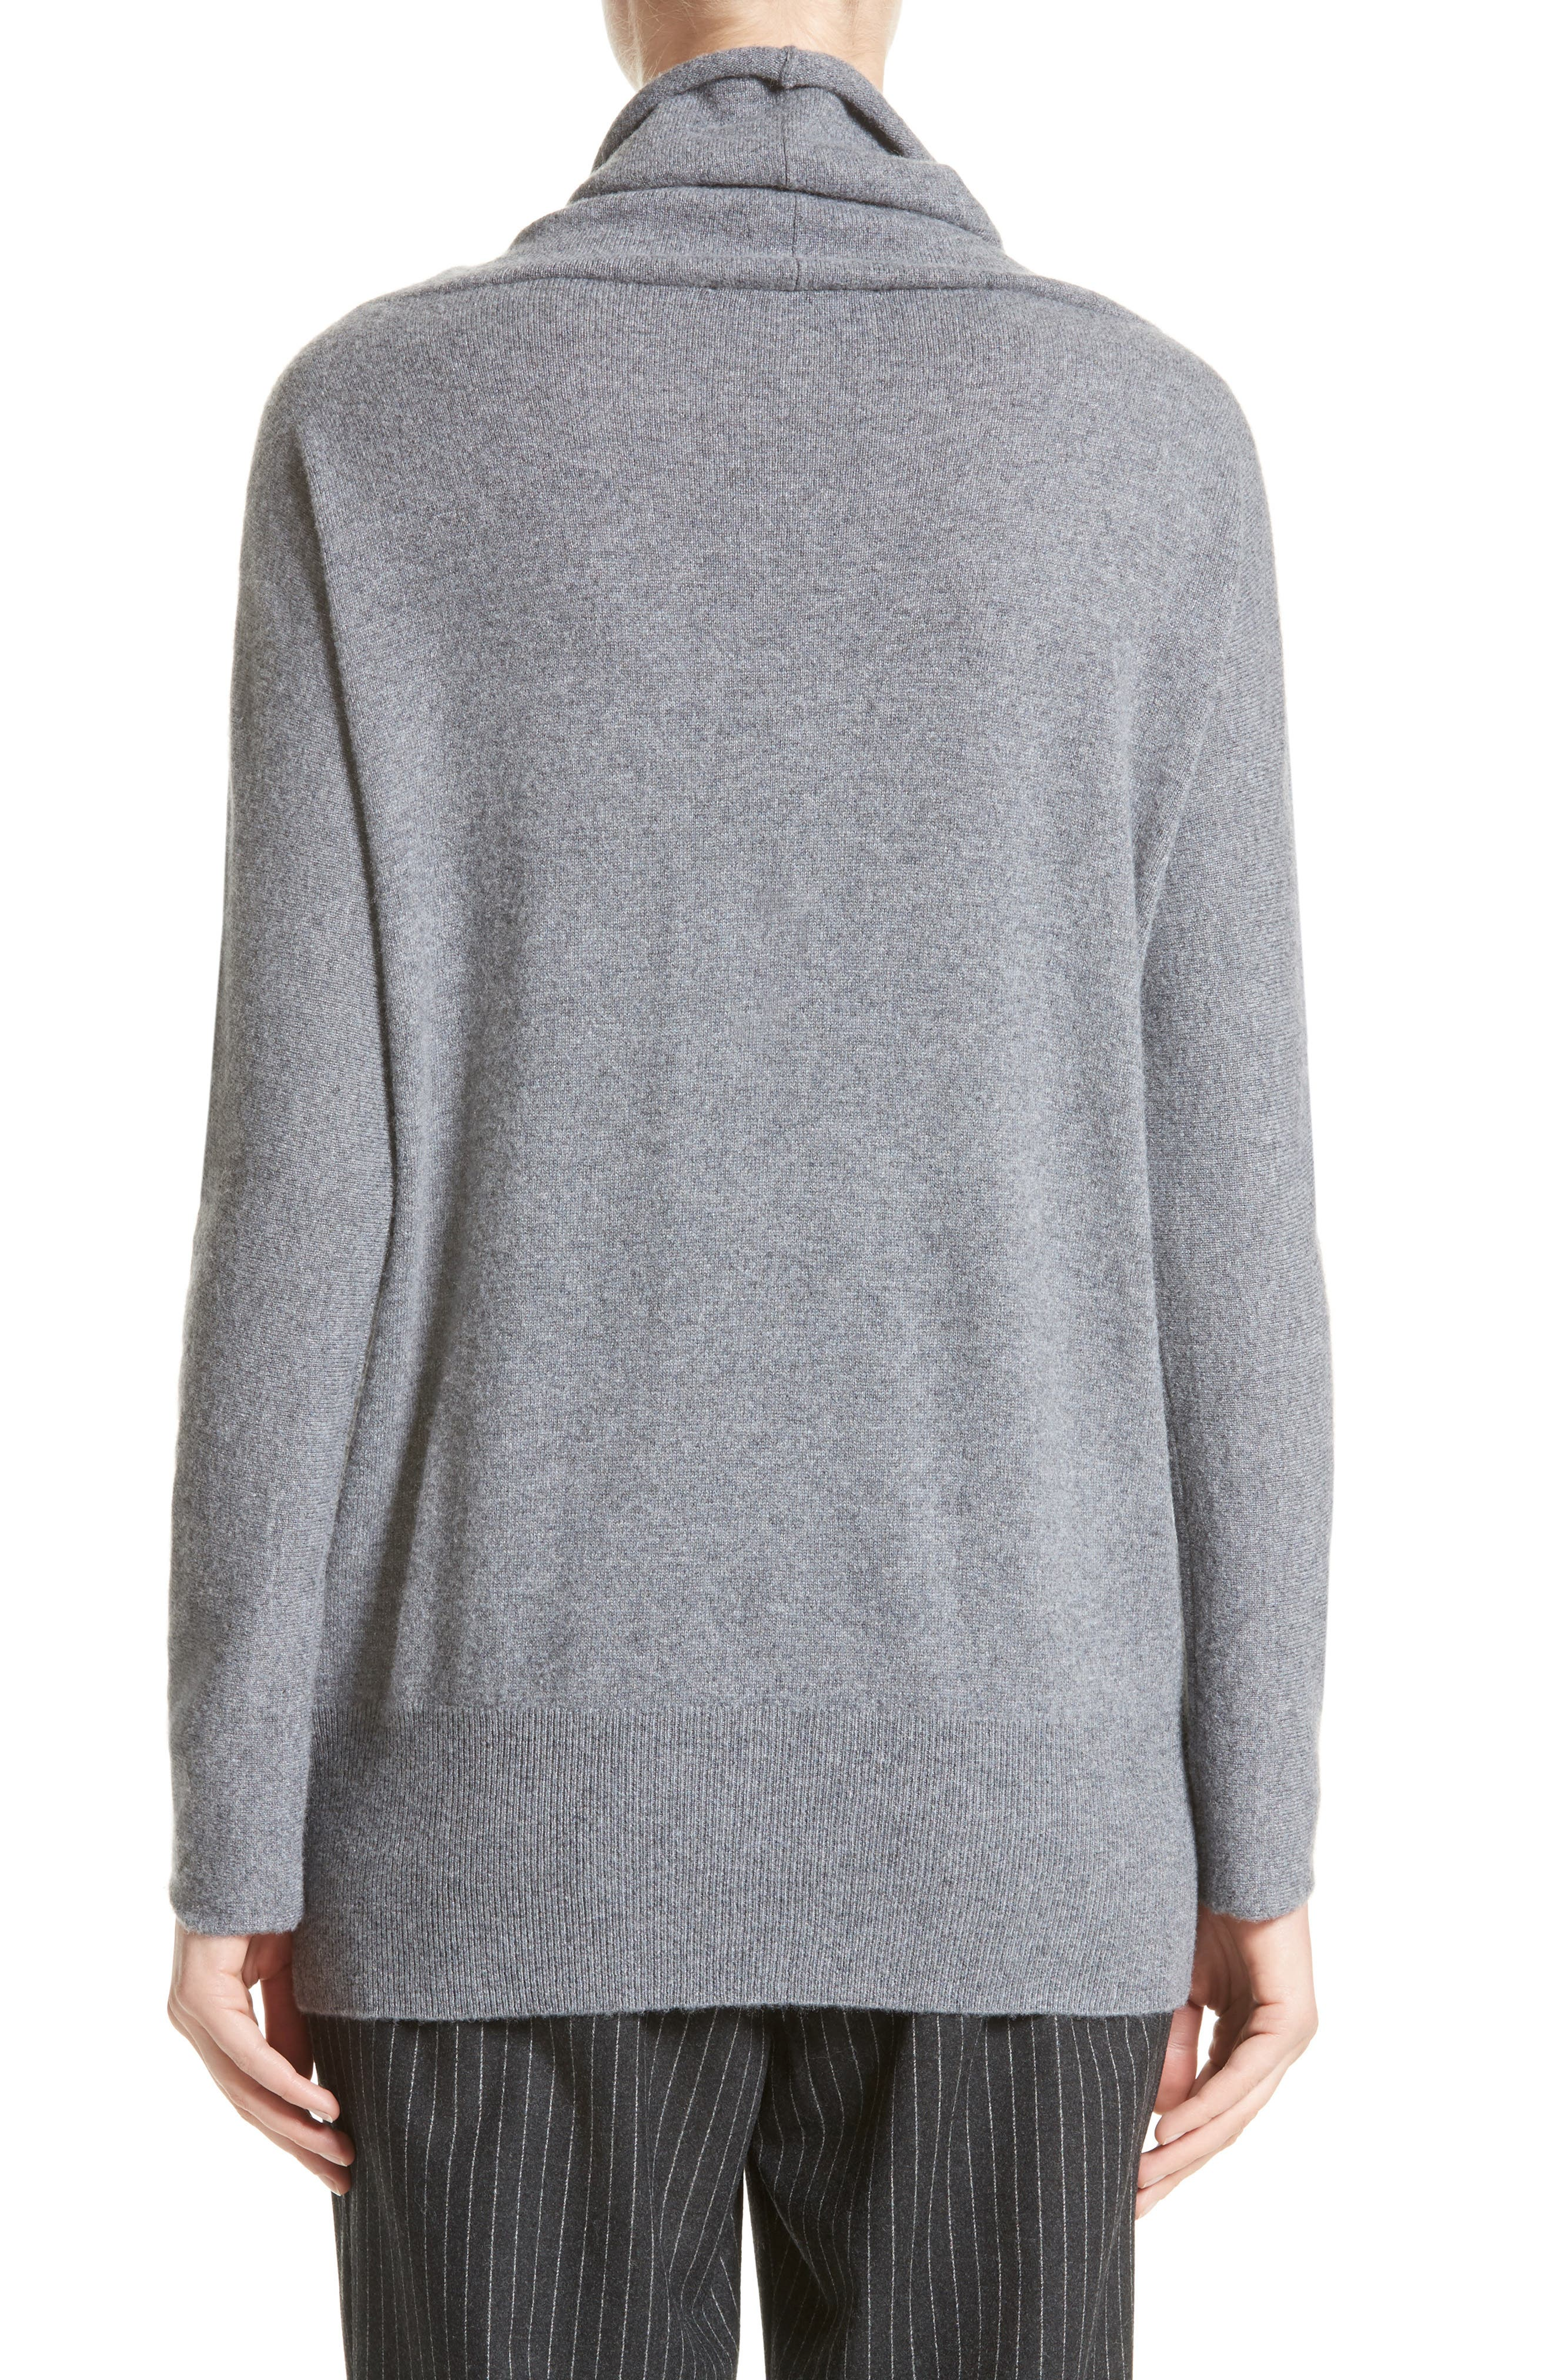 Embellished Cashmere Turtleneck Sweater,                             Alternate thumbnail 2, color,                             030